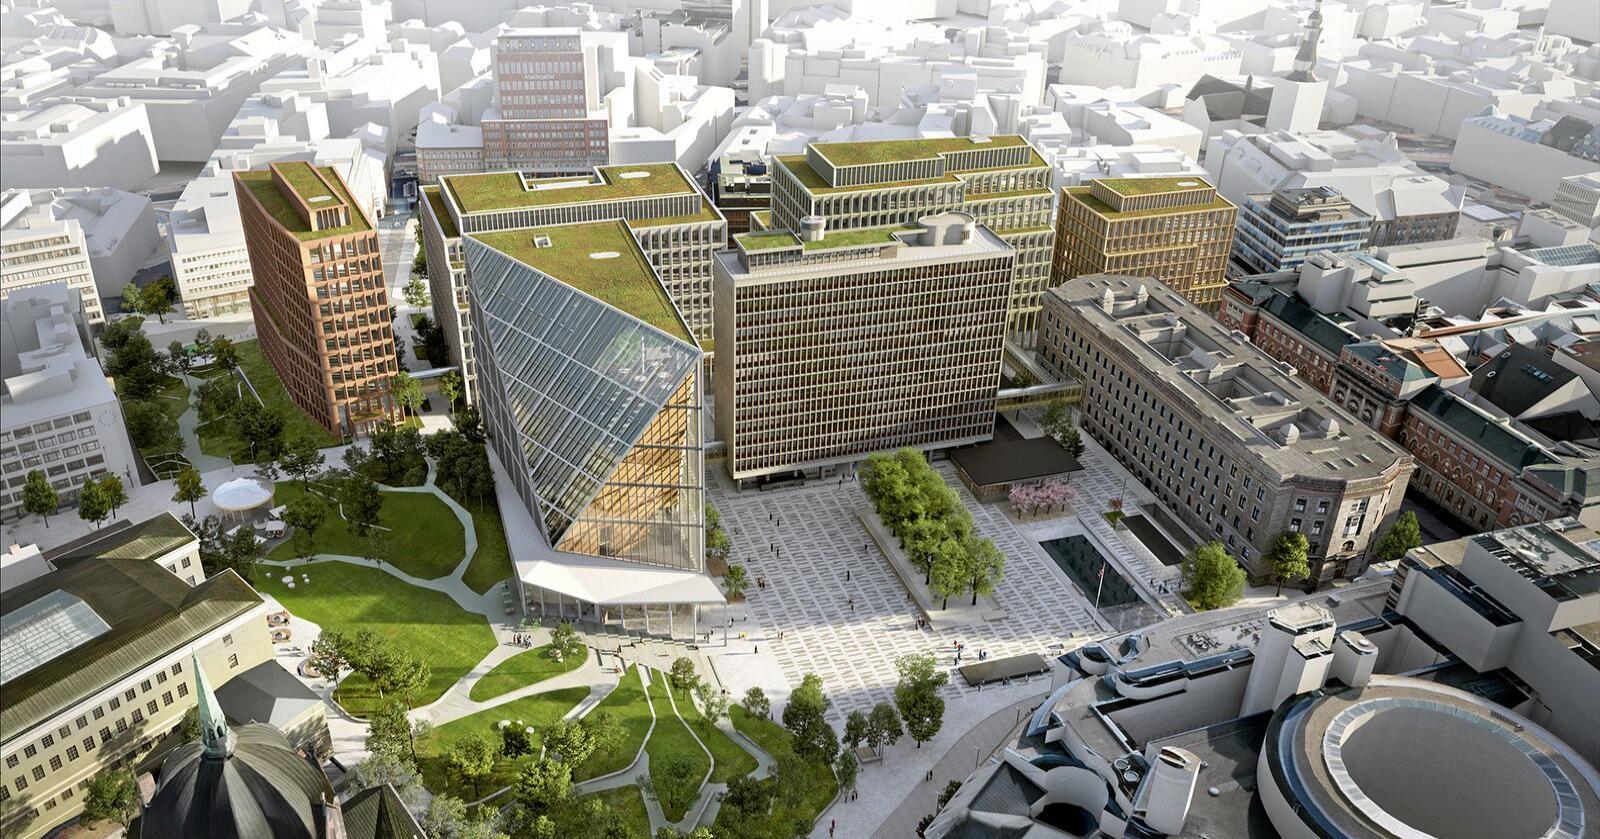 36,5 milliarder: Så mye koster planlagt nytt regjeringskvartal. Illustrasjon: Team Urbis/Statsbygg